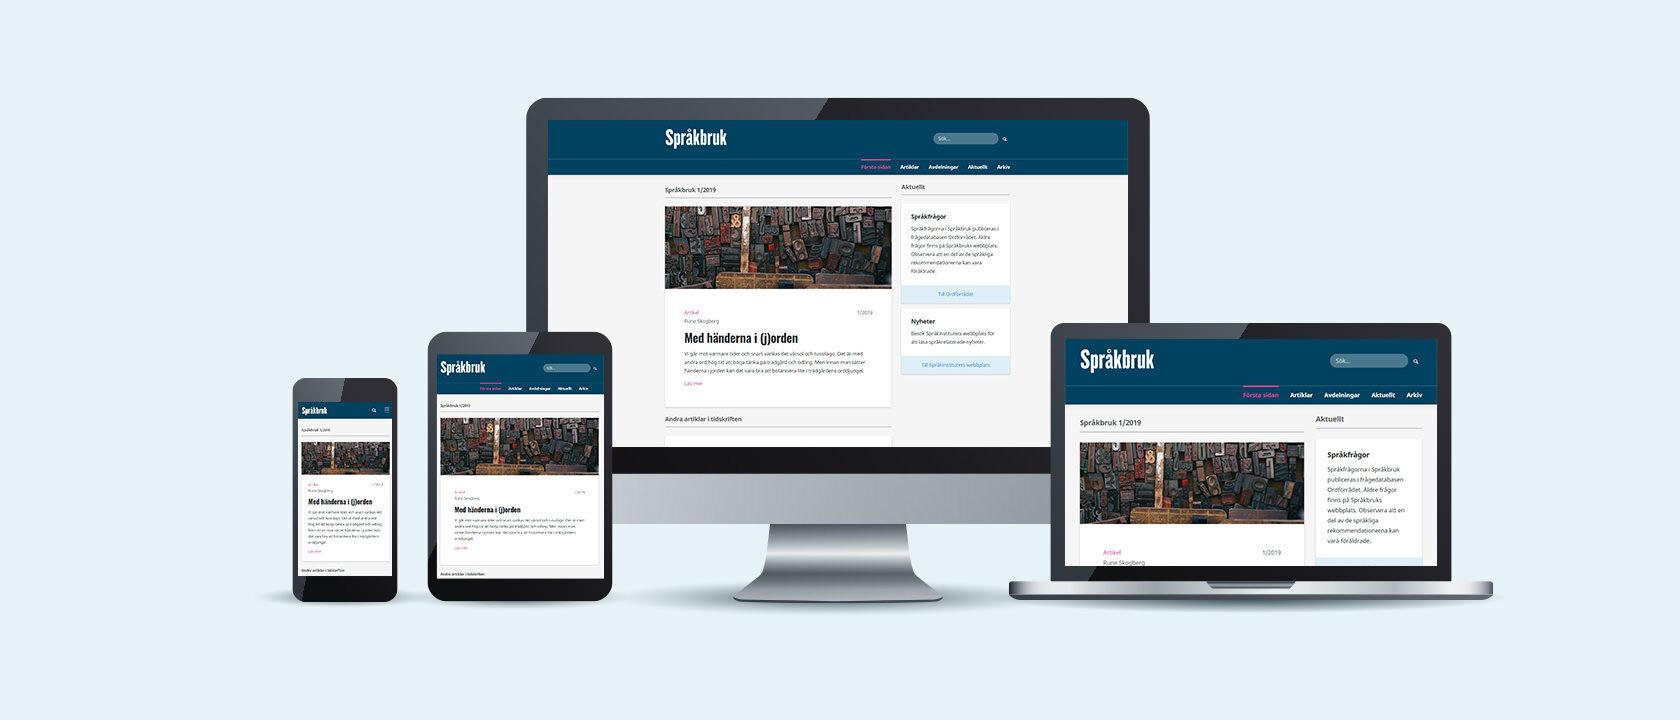 Språkbruk.fi, Kielikello.fi:n sisarsivusto samassa portaalissa